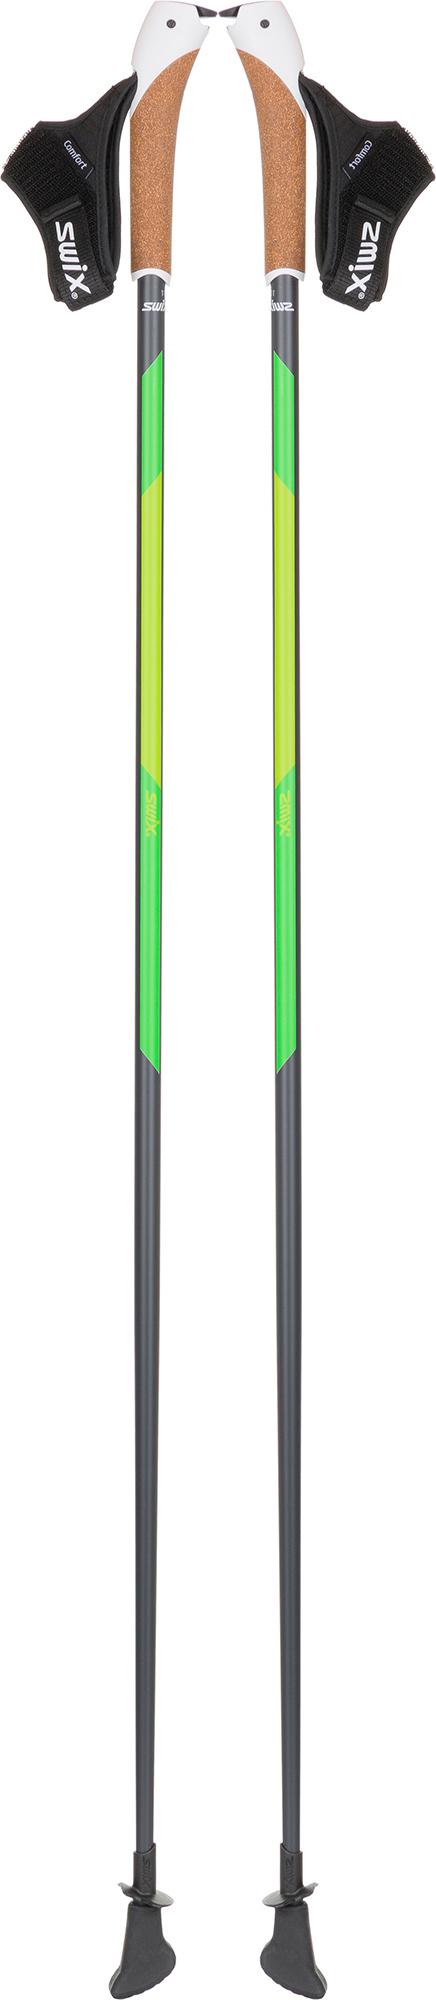 Swix Палки для скандинавской ходьбы CT4